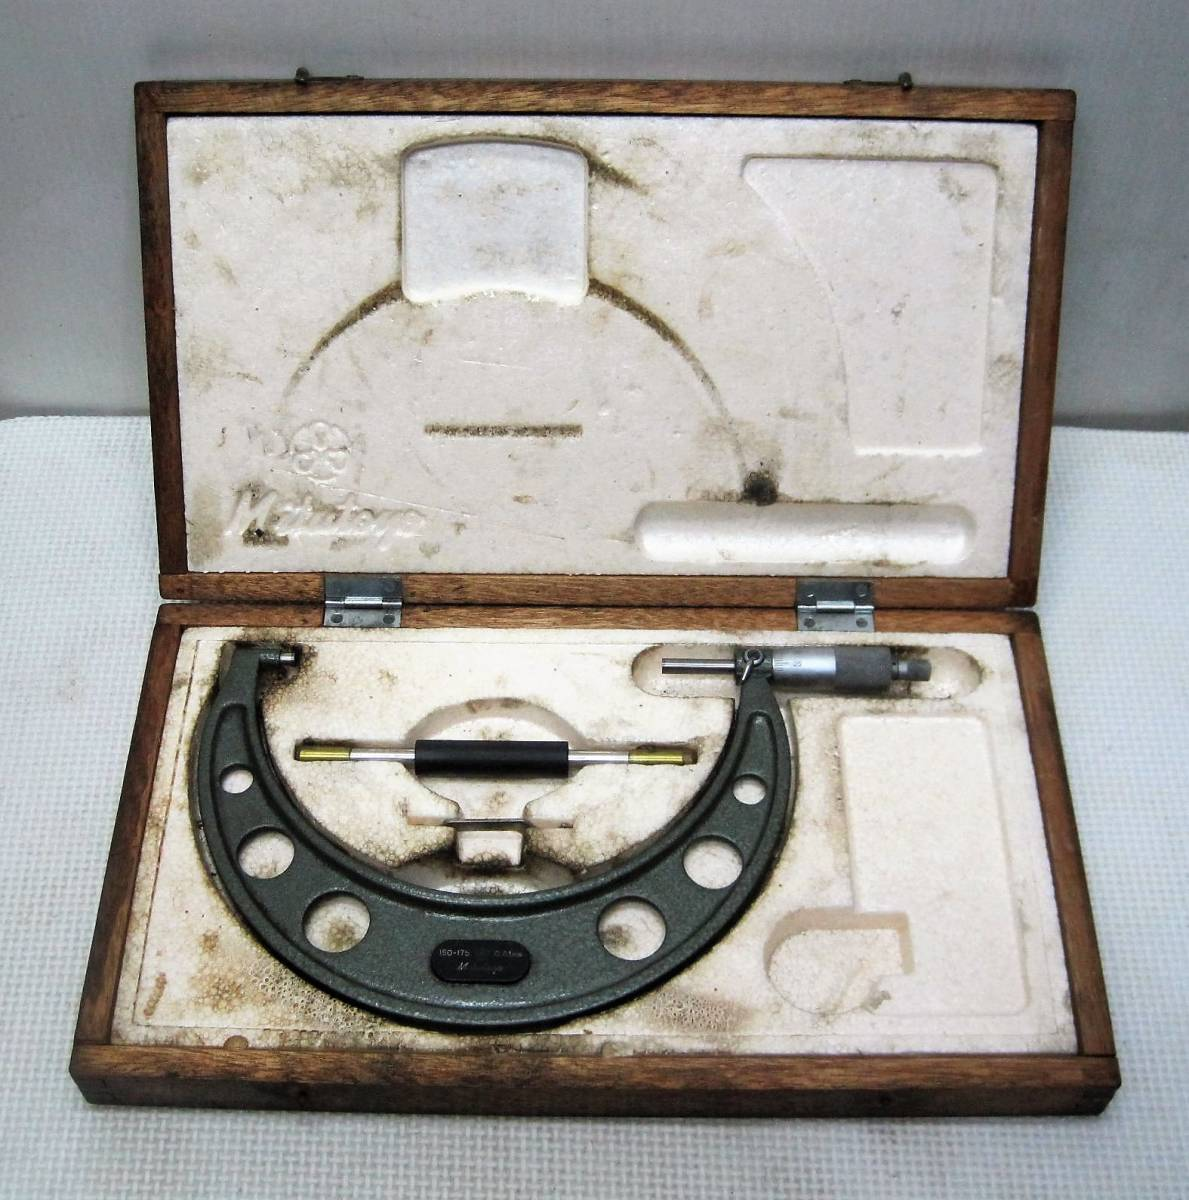 【ミツトヨ】(1) マイクロメーター/ 150-175/ 0.01mm 木箱 mitutoyo 測定/精密/計測/工具/高精度/USED品_画像1